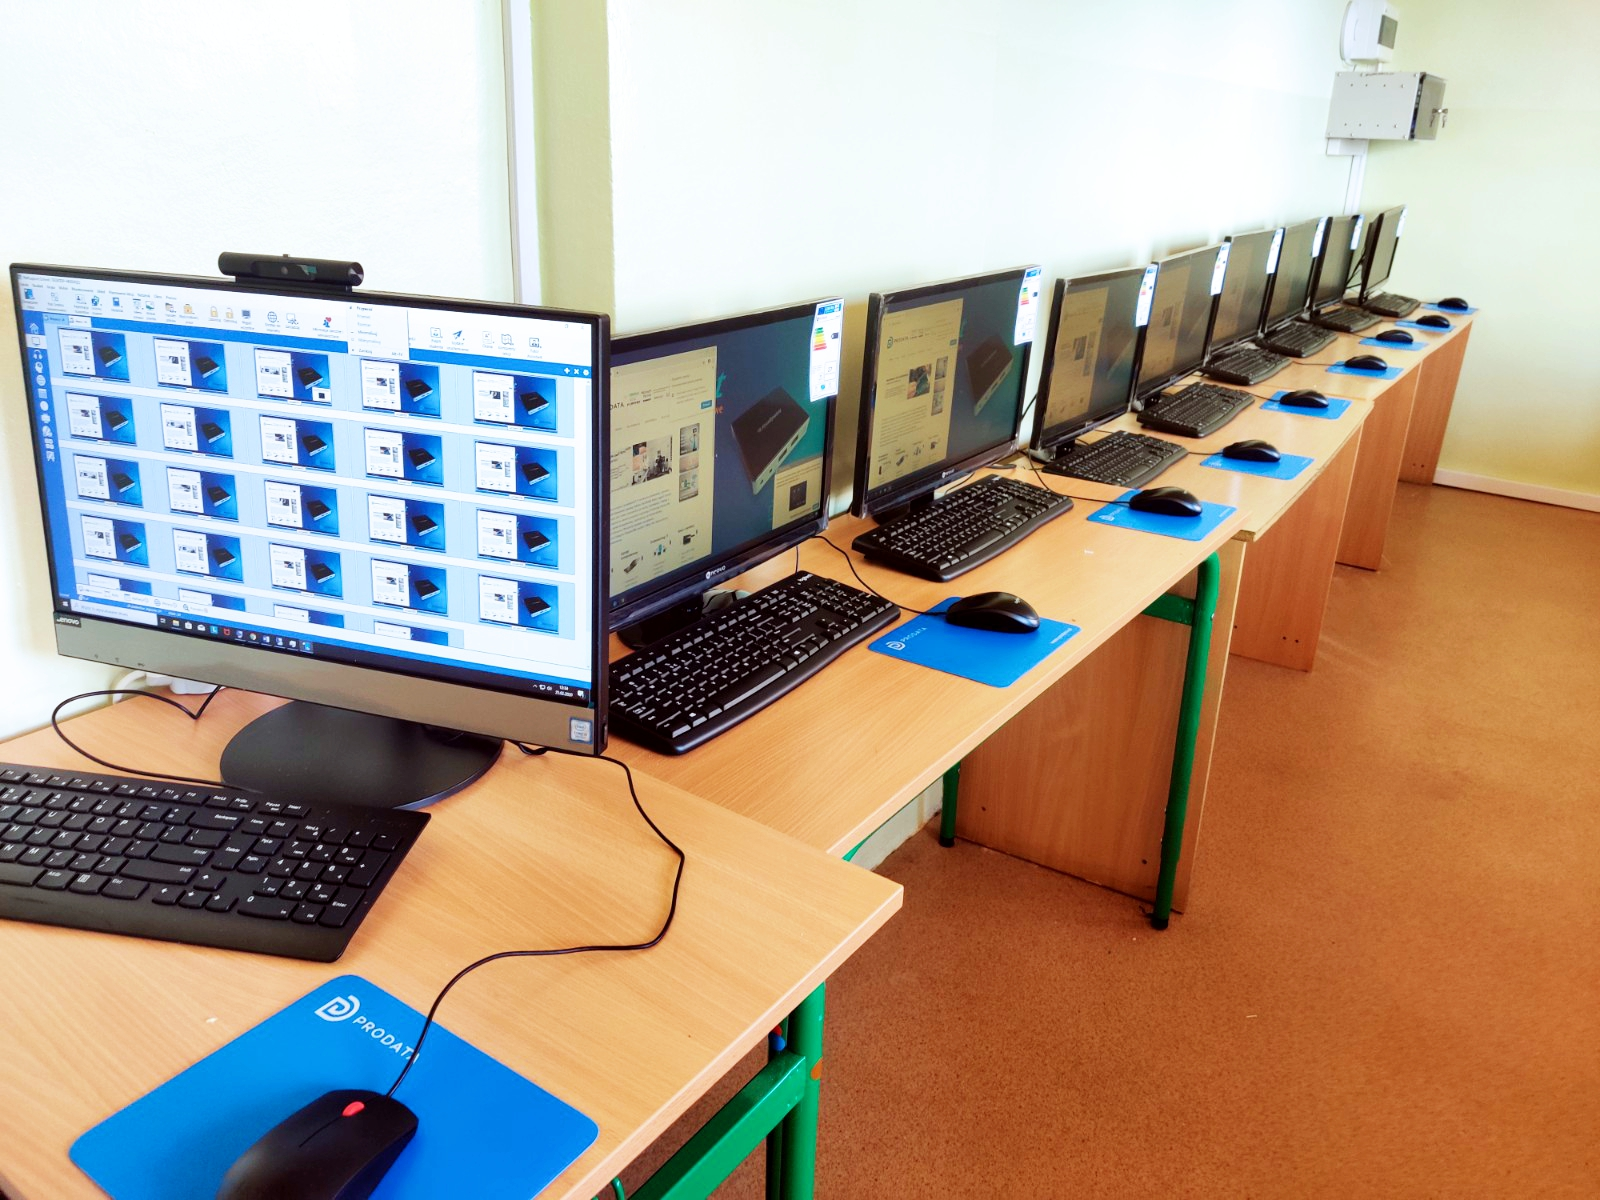 Pracownia terminalowa vCloudPoint w Szkole Podstawowej w Głuchowie